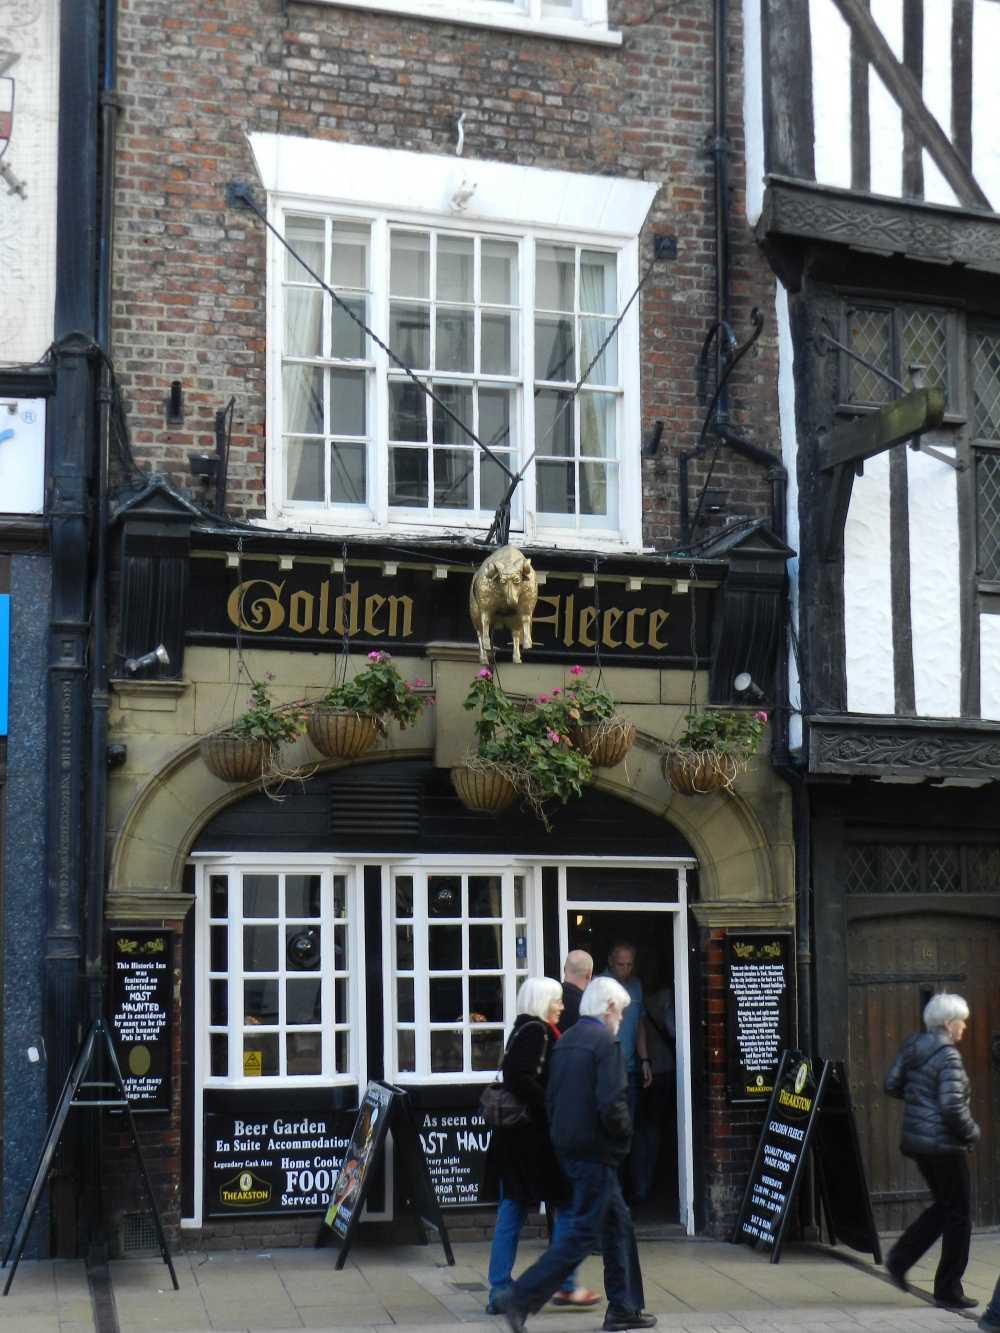 The Golden Fleece. Photos copyright QueenMab/Shipscook Photographic. contact simon.ball3@btopenworld.com for commercial reuse